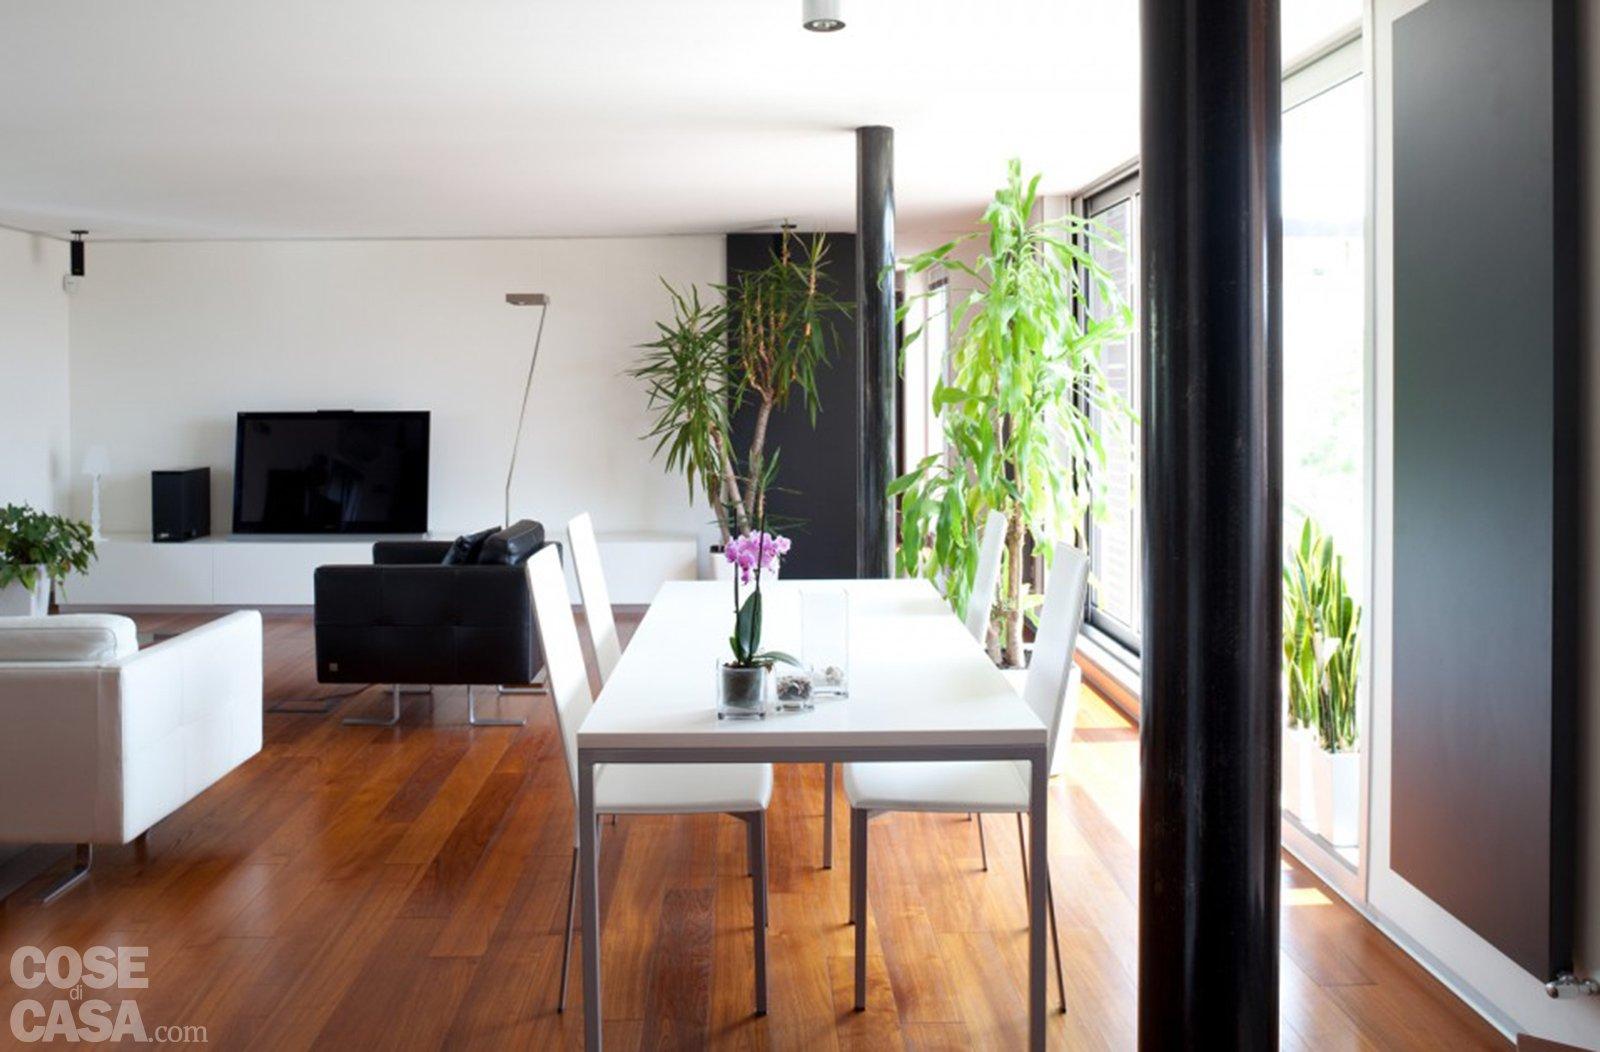 Casabook Immobiliare: 80 Mq: Una Casa Per Due Perfetta Per Fare  #975F34 1600 1052 Arredamento Soggiorno Con Cucina A Vista